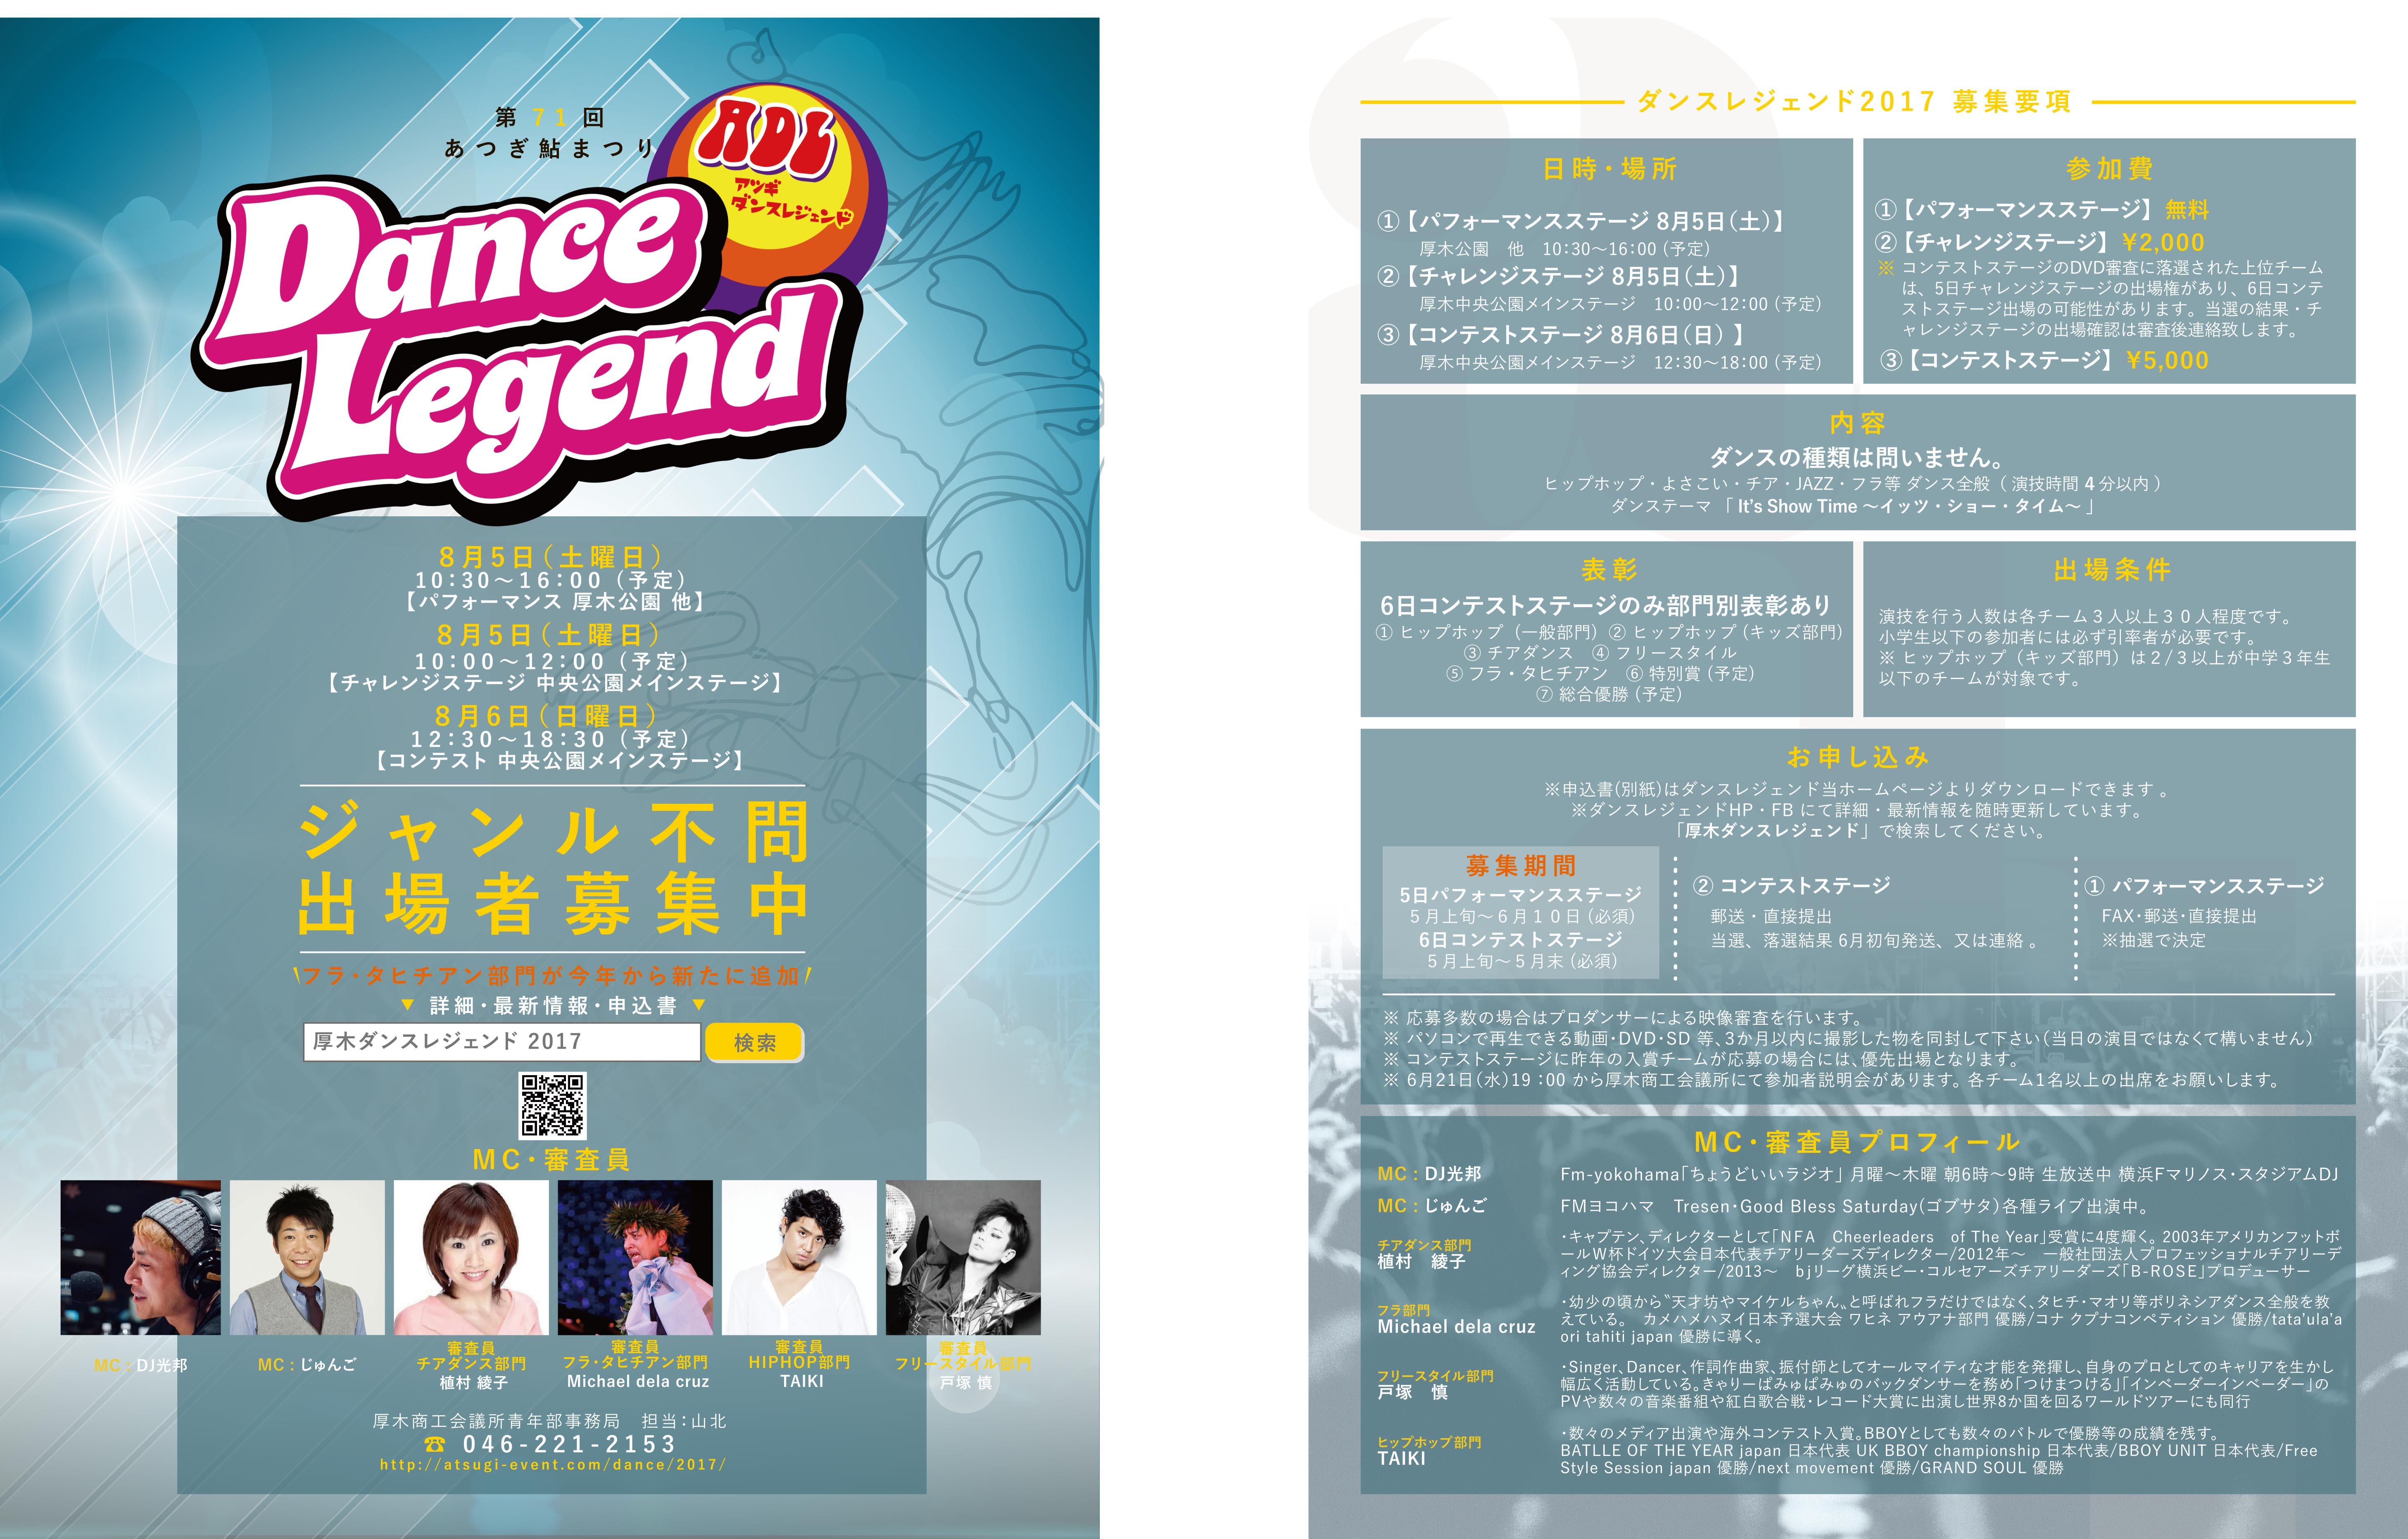 第70回あつぎ鮎まつり 厚木Dance Legend 2017